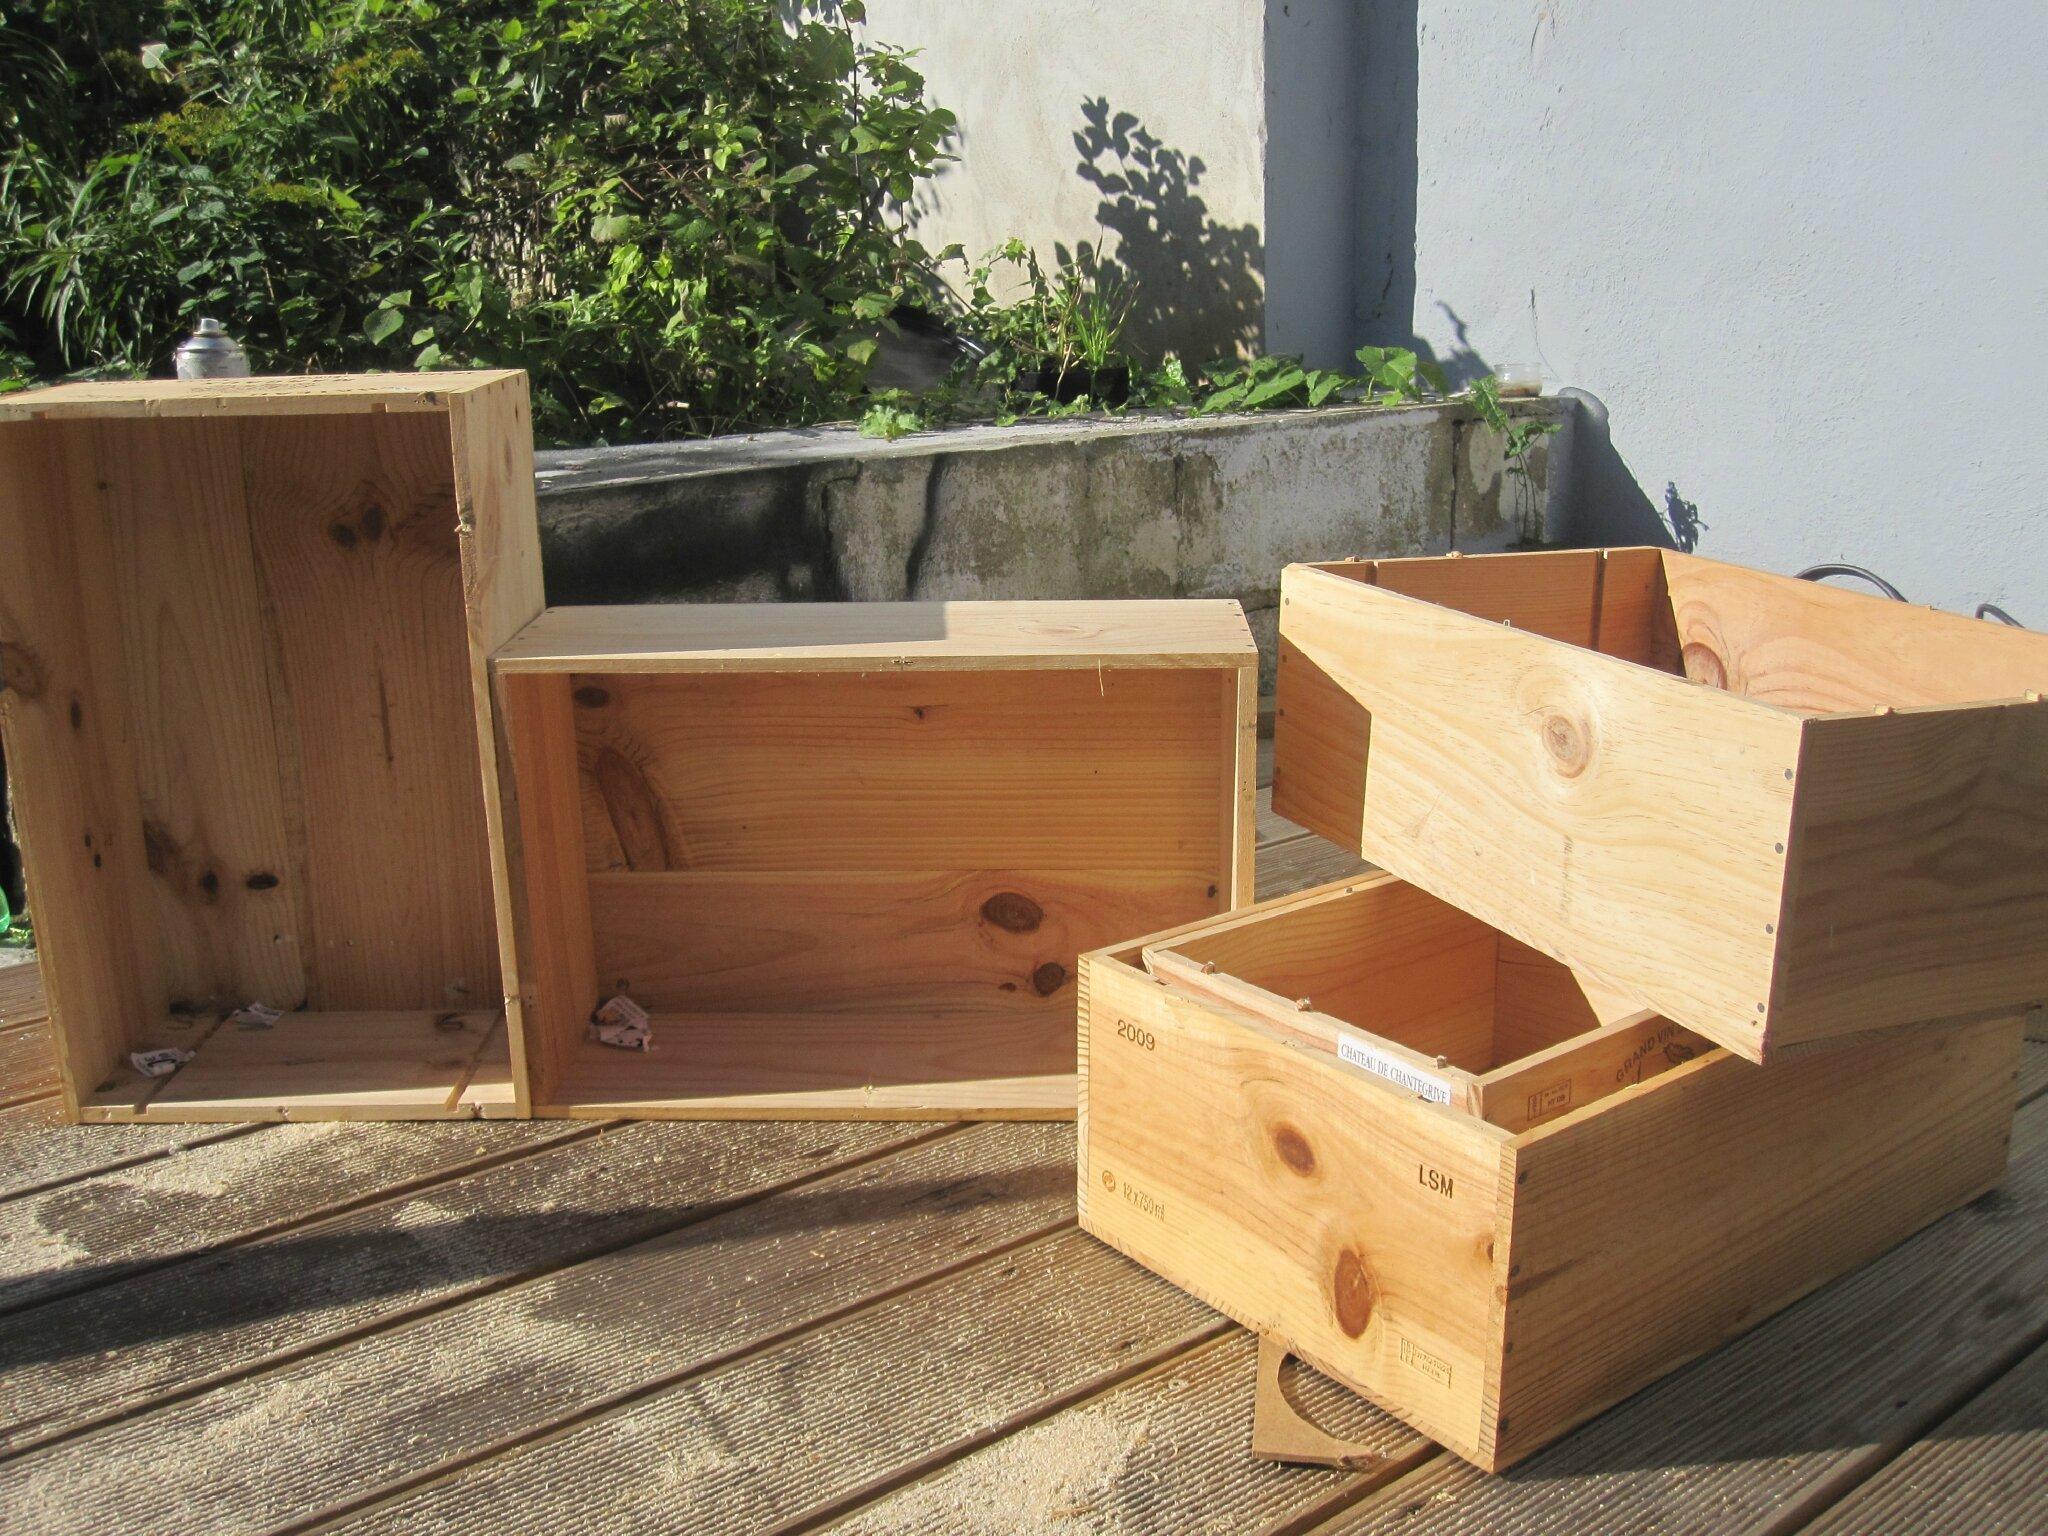 ikea caisse en bois. Black Bedroom Furniture Sets. Home Design Ideas